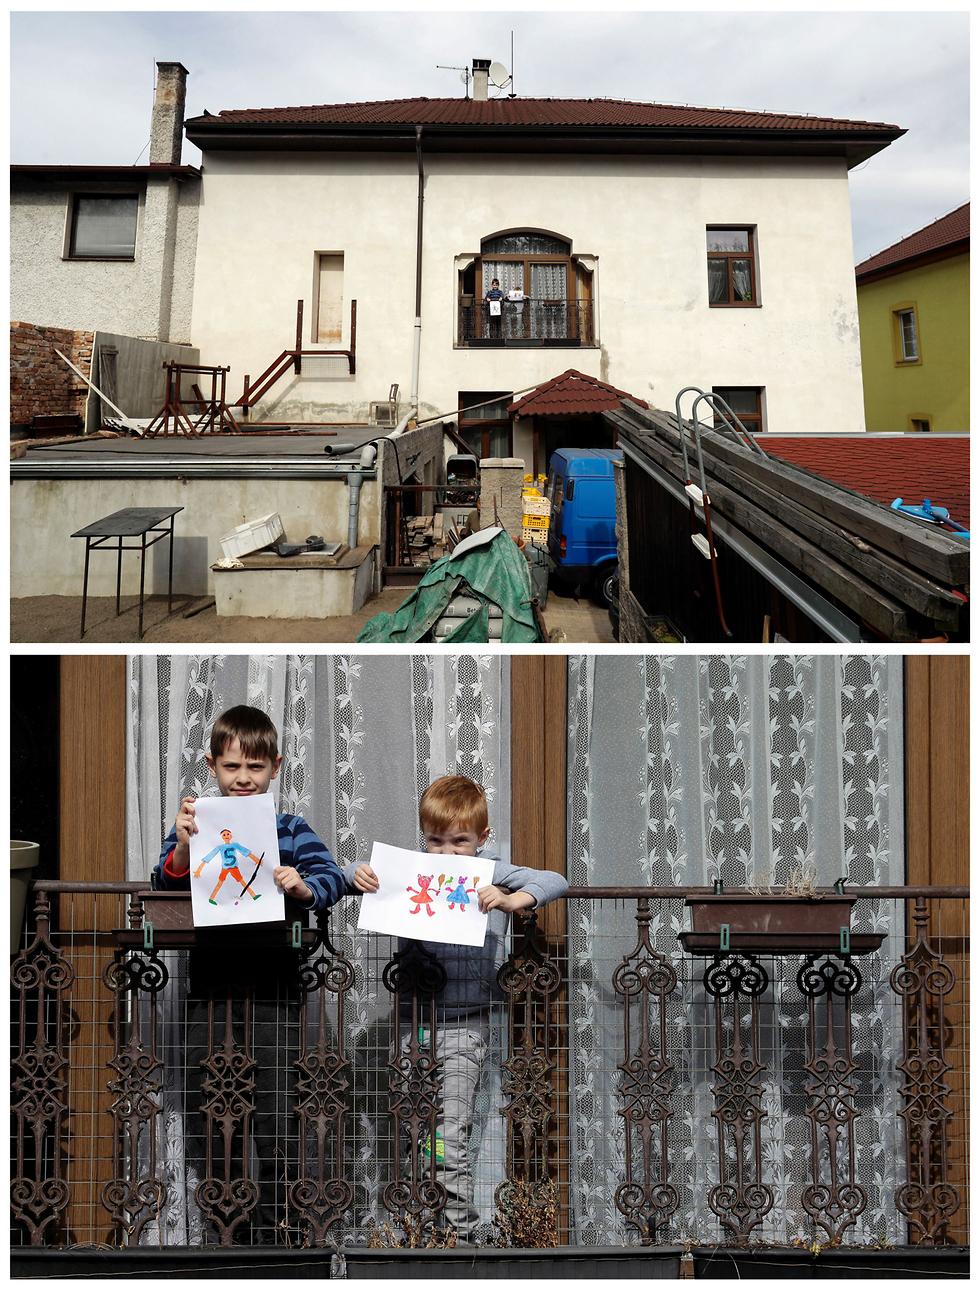 מרפסת מרפסות ילדים מרחבי העולם מציירים נגיף קורונה (צילום: רויטרס)